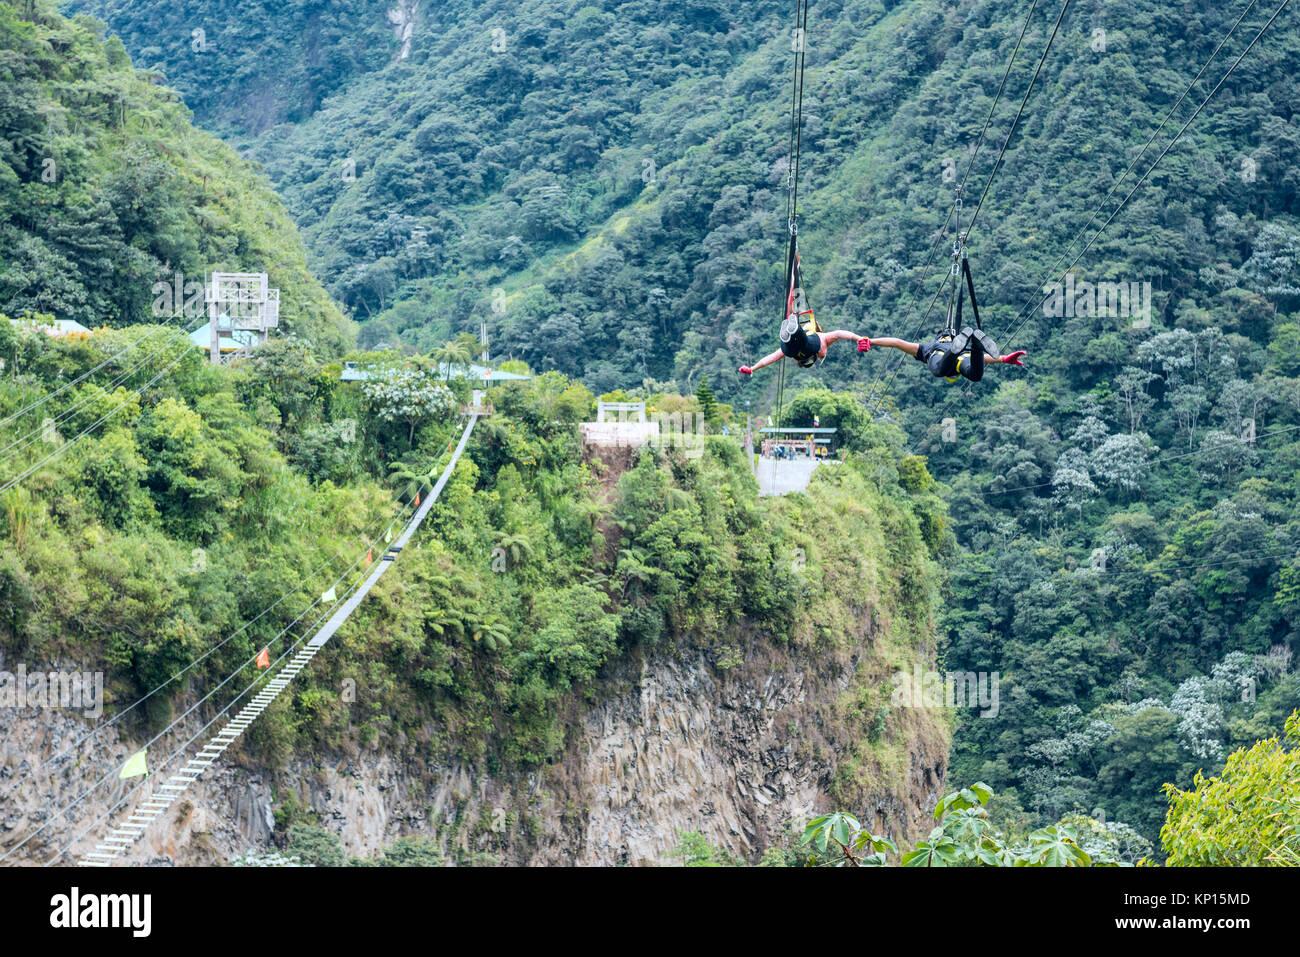 Route Des Cascades, Banos, Equateur - 8 décembre 2017: les touristes glisse sur la ligne zip contre le Photo Stock